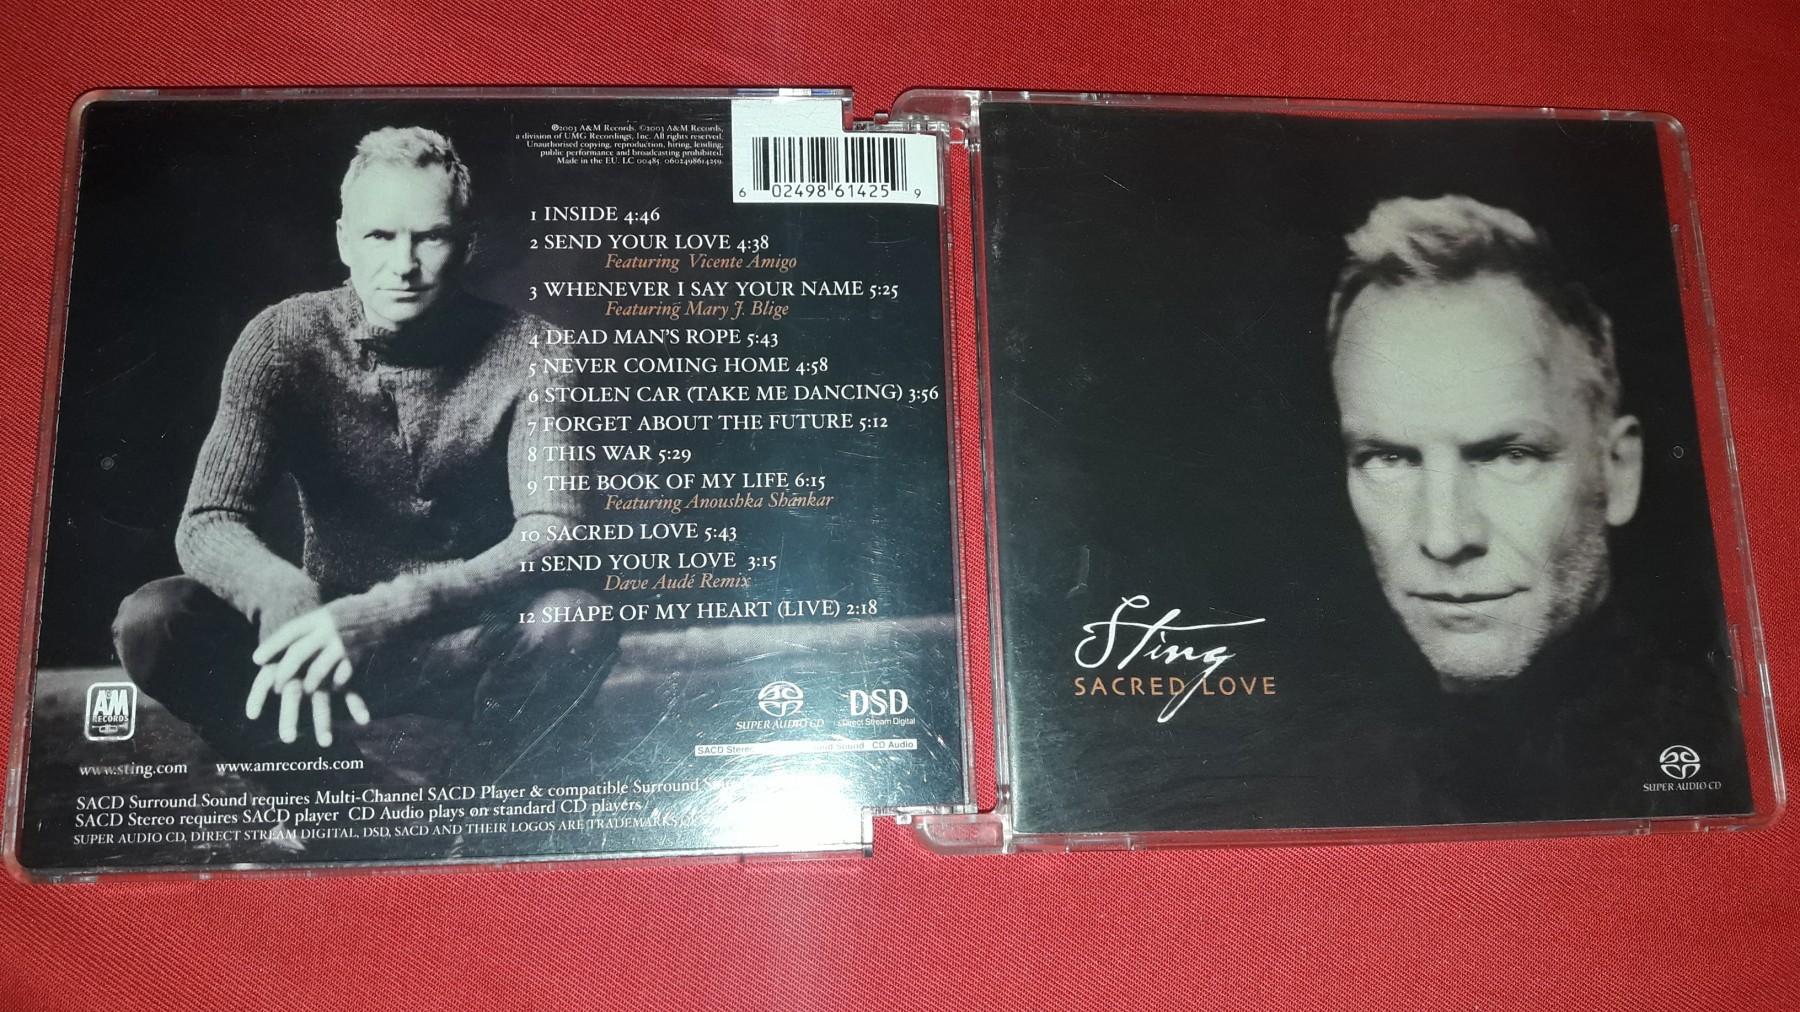 Sting - Sacred love SACD , ORIGINAL - Kupindo com (52758857)